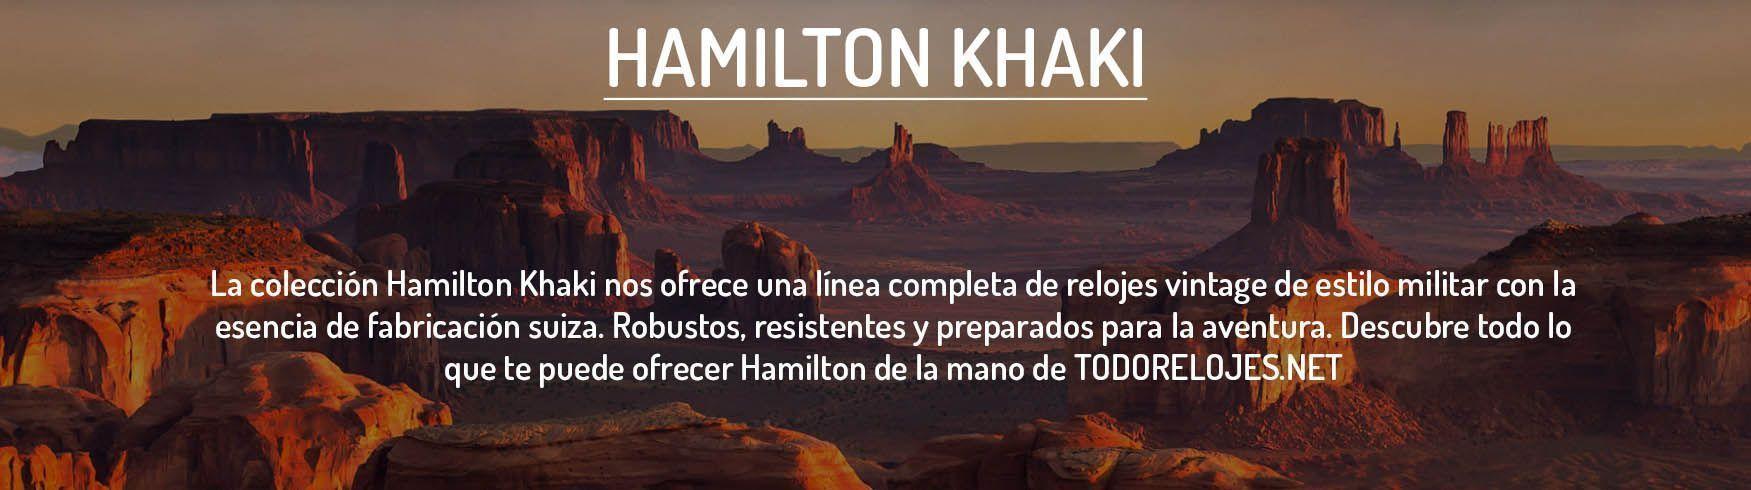 Relojes Hamilton Khaki